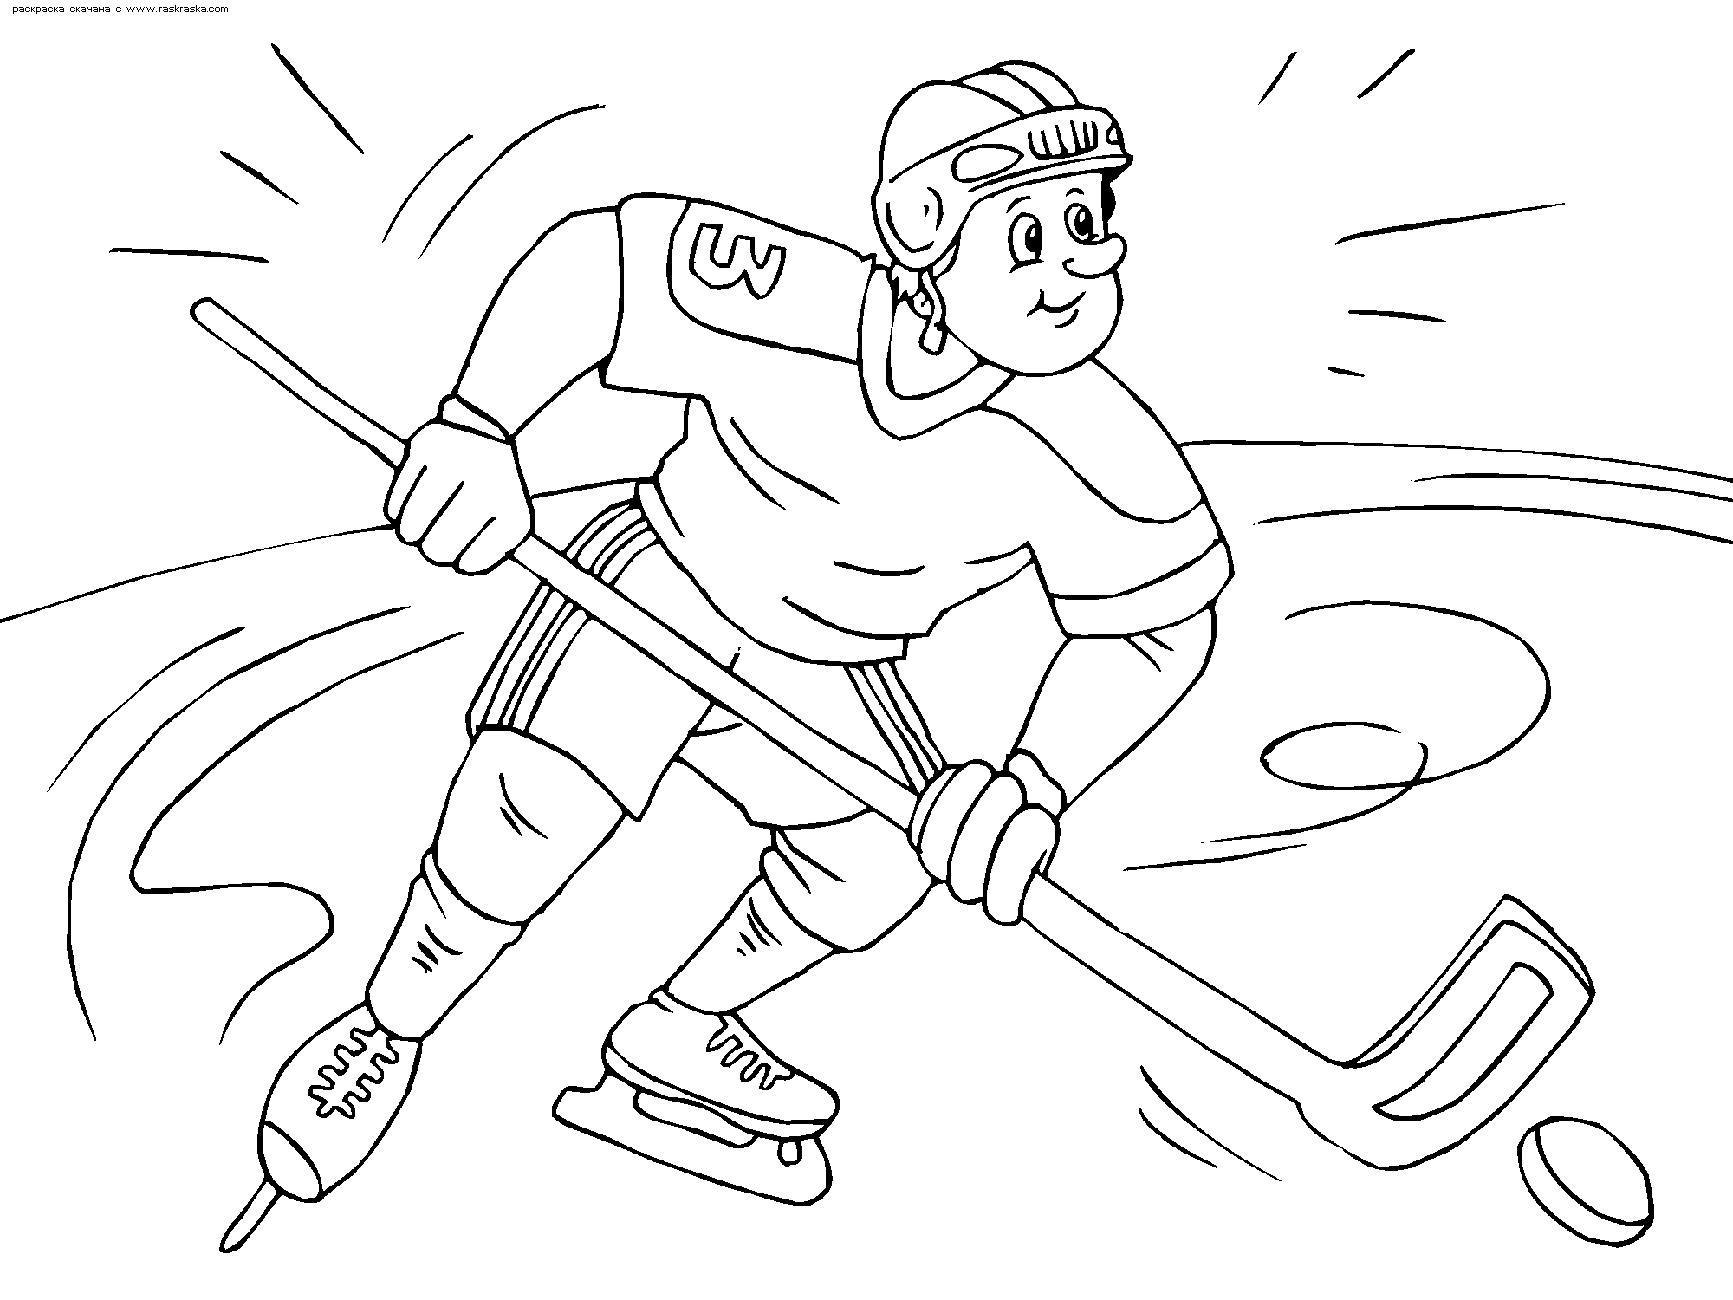 Хоккеист летит к воротам Раскрашивать раскраски для мальчиков